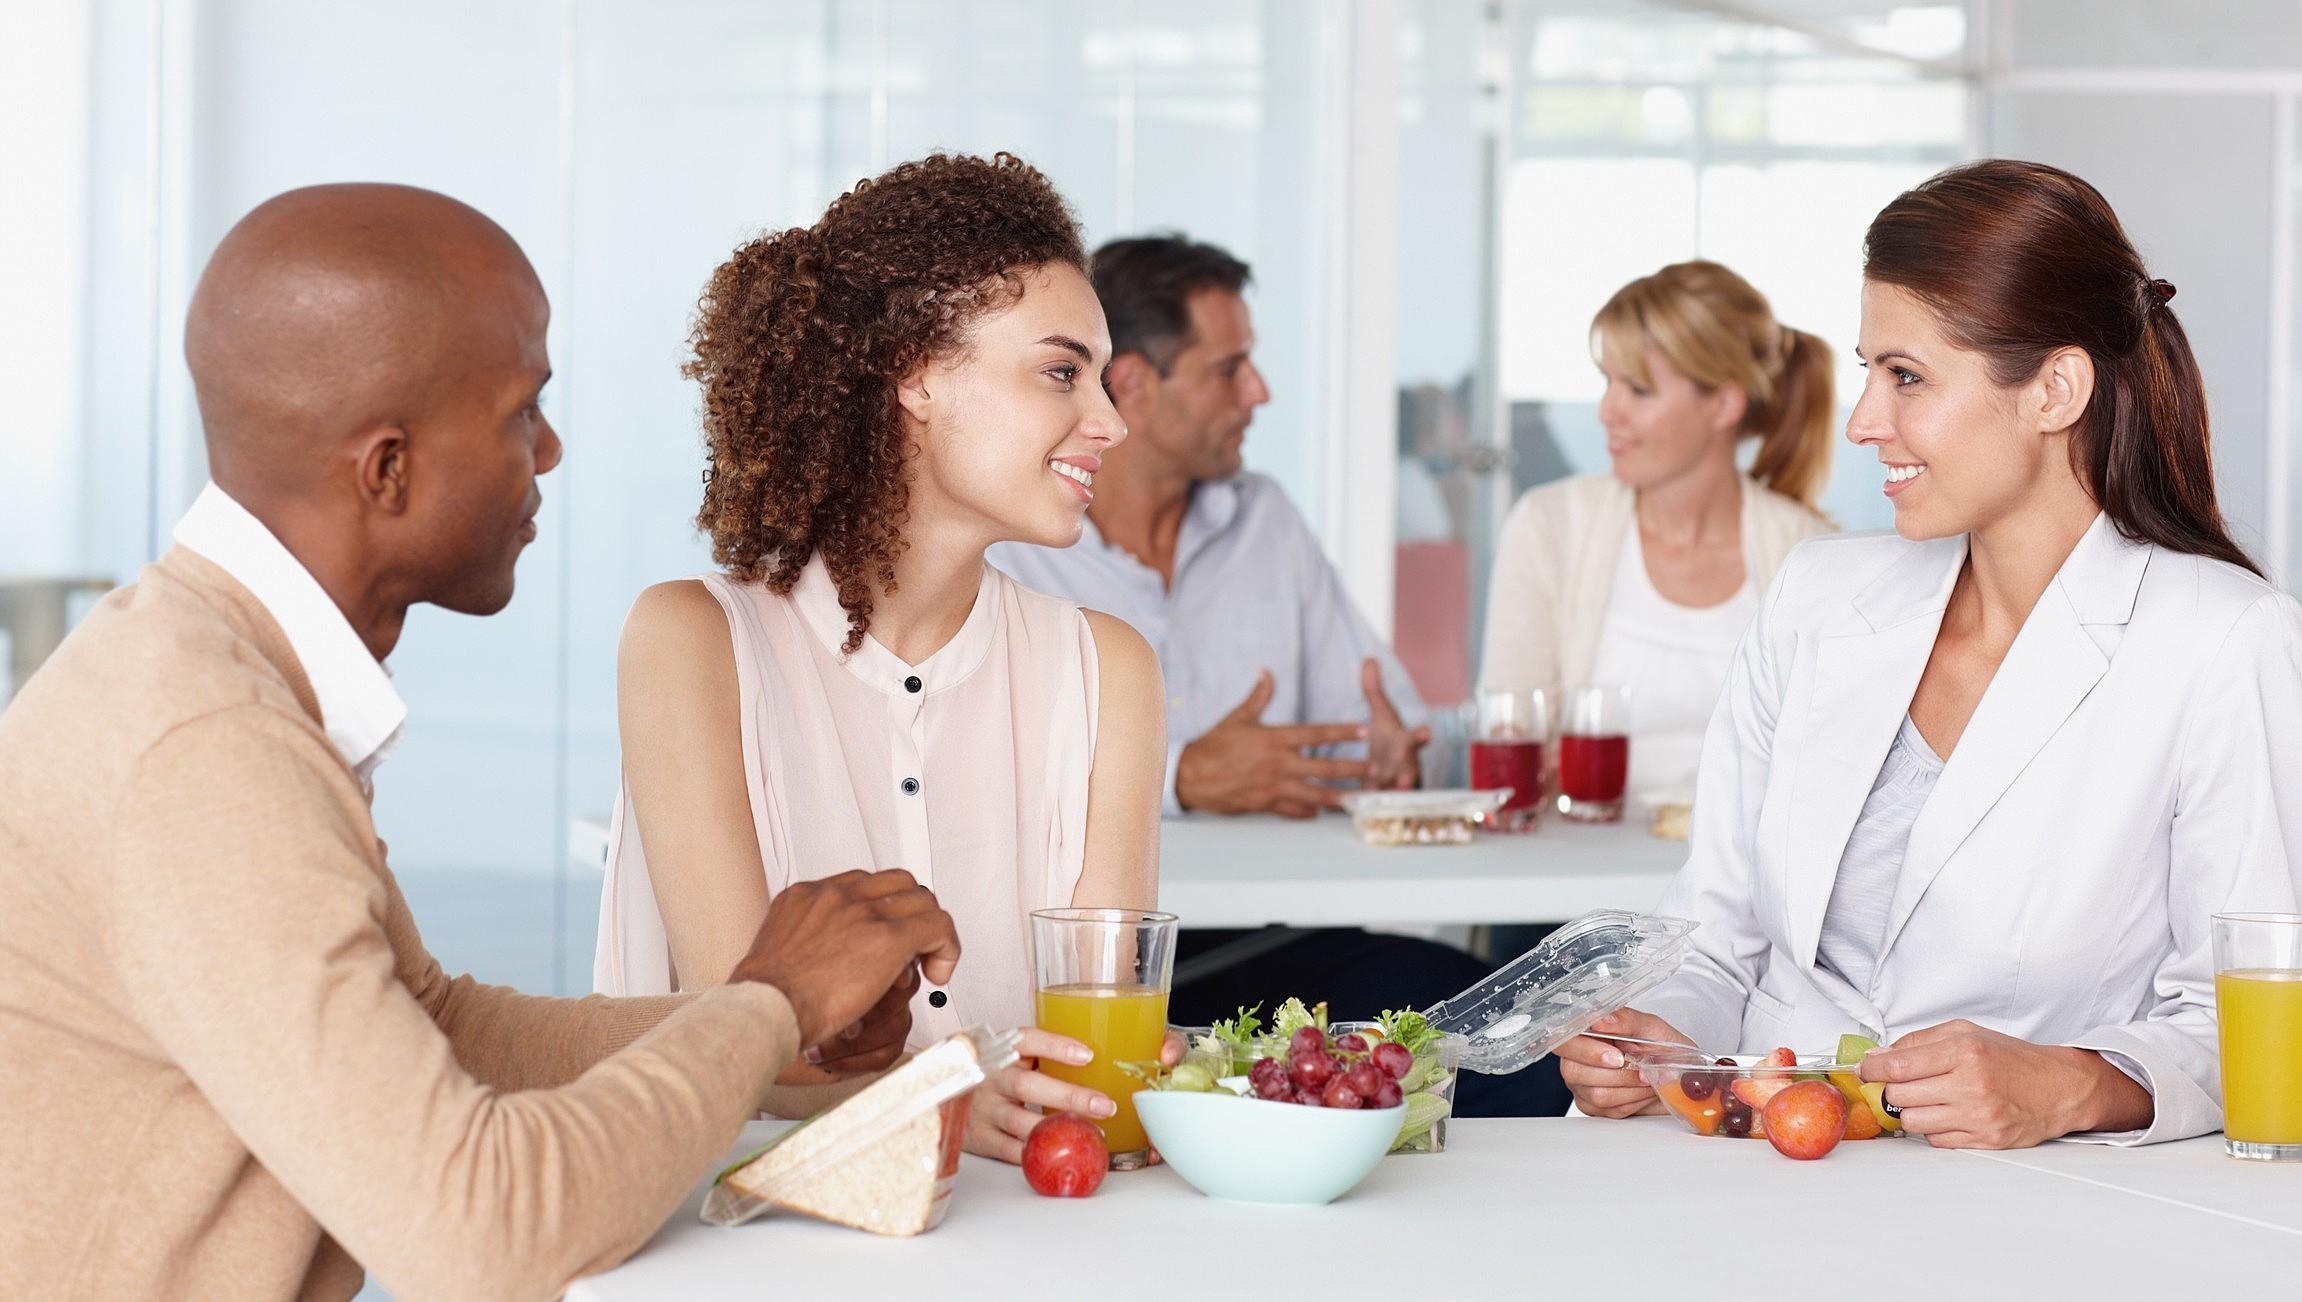 Como uma alimentação saudável pode ajudar na retenção de talentos da empresa?